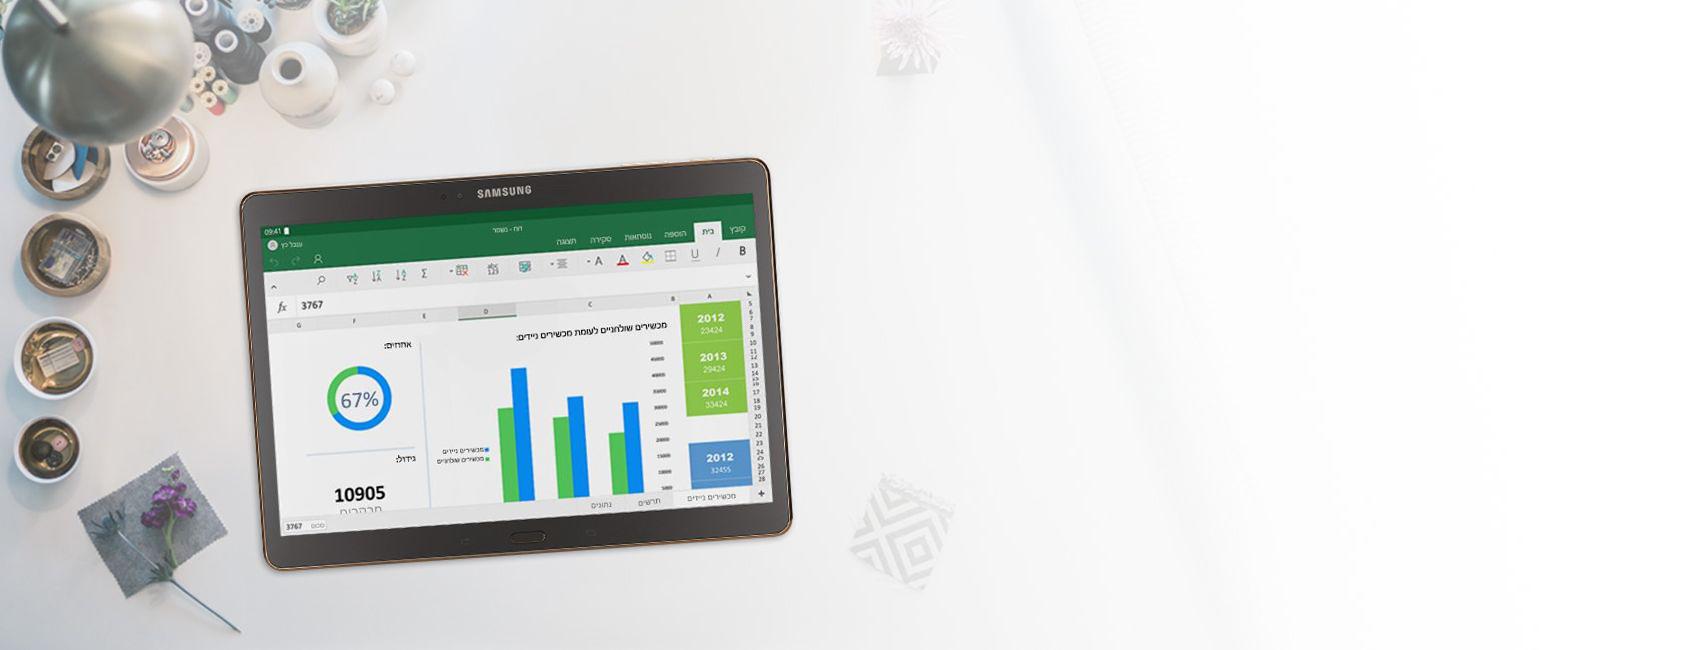 מחשב Tablet המציג תרשימים בדוח Excel